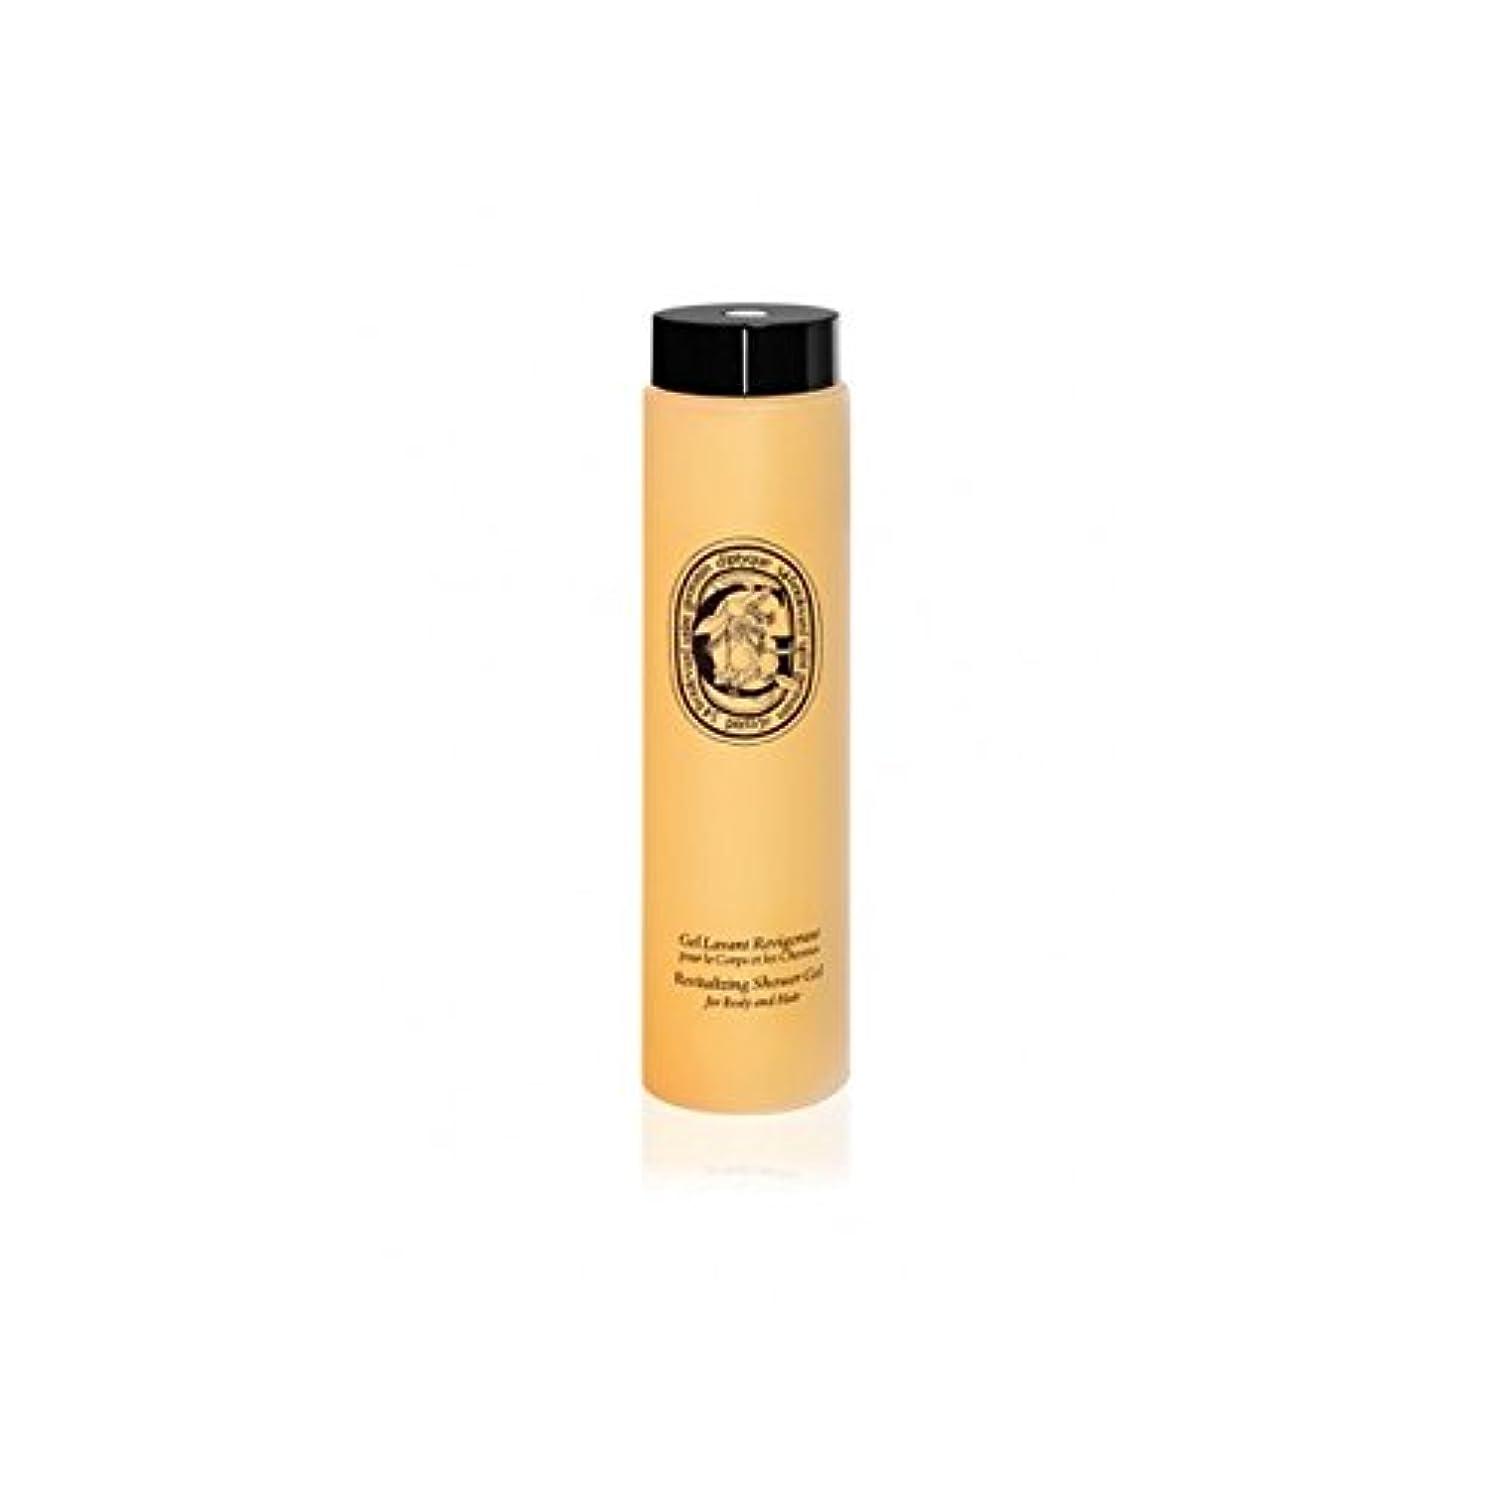 インキュバス不愉快に夢中Diptyque Revitalizing Shower Gel For Body And Hair 200ml (Pack of 2) - ボディ、ヘア200ミリリットルのためDiptyqueのリバイタライジングシャワージェル (x2) [並行輸入品]